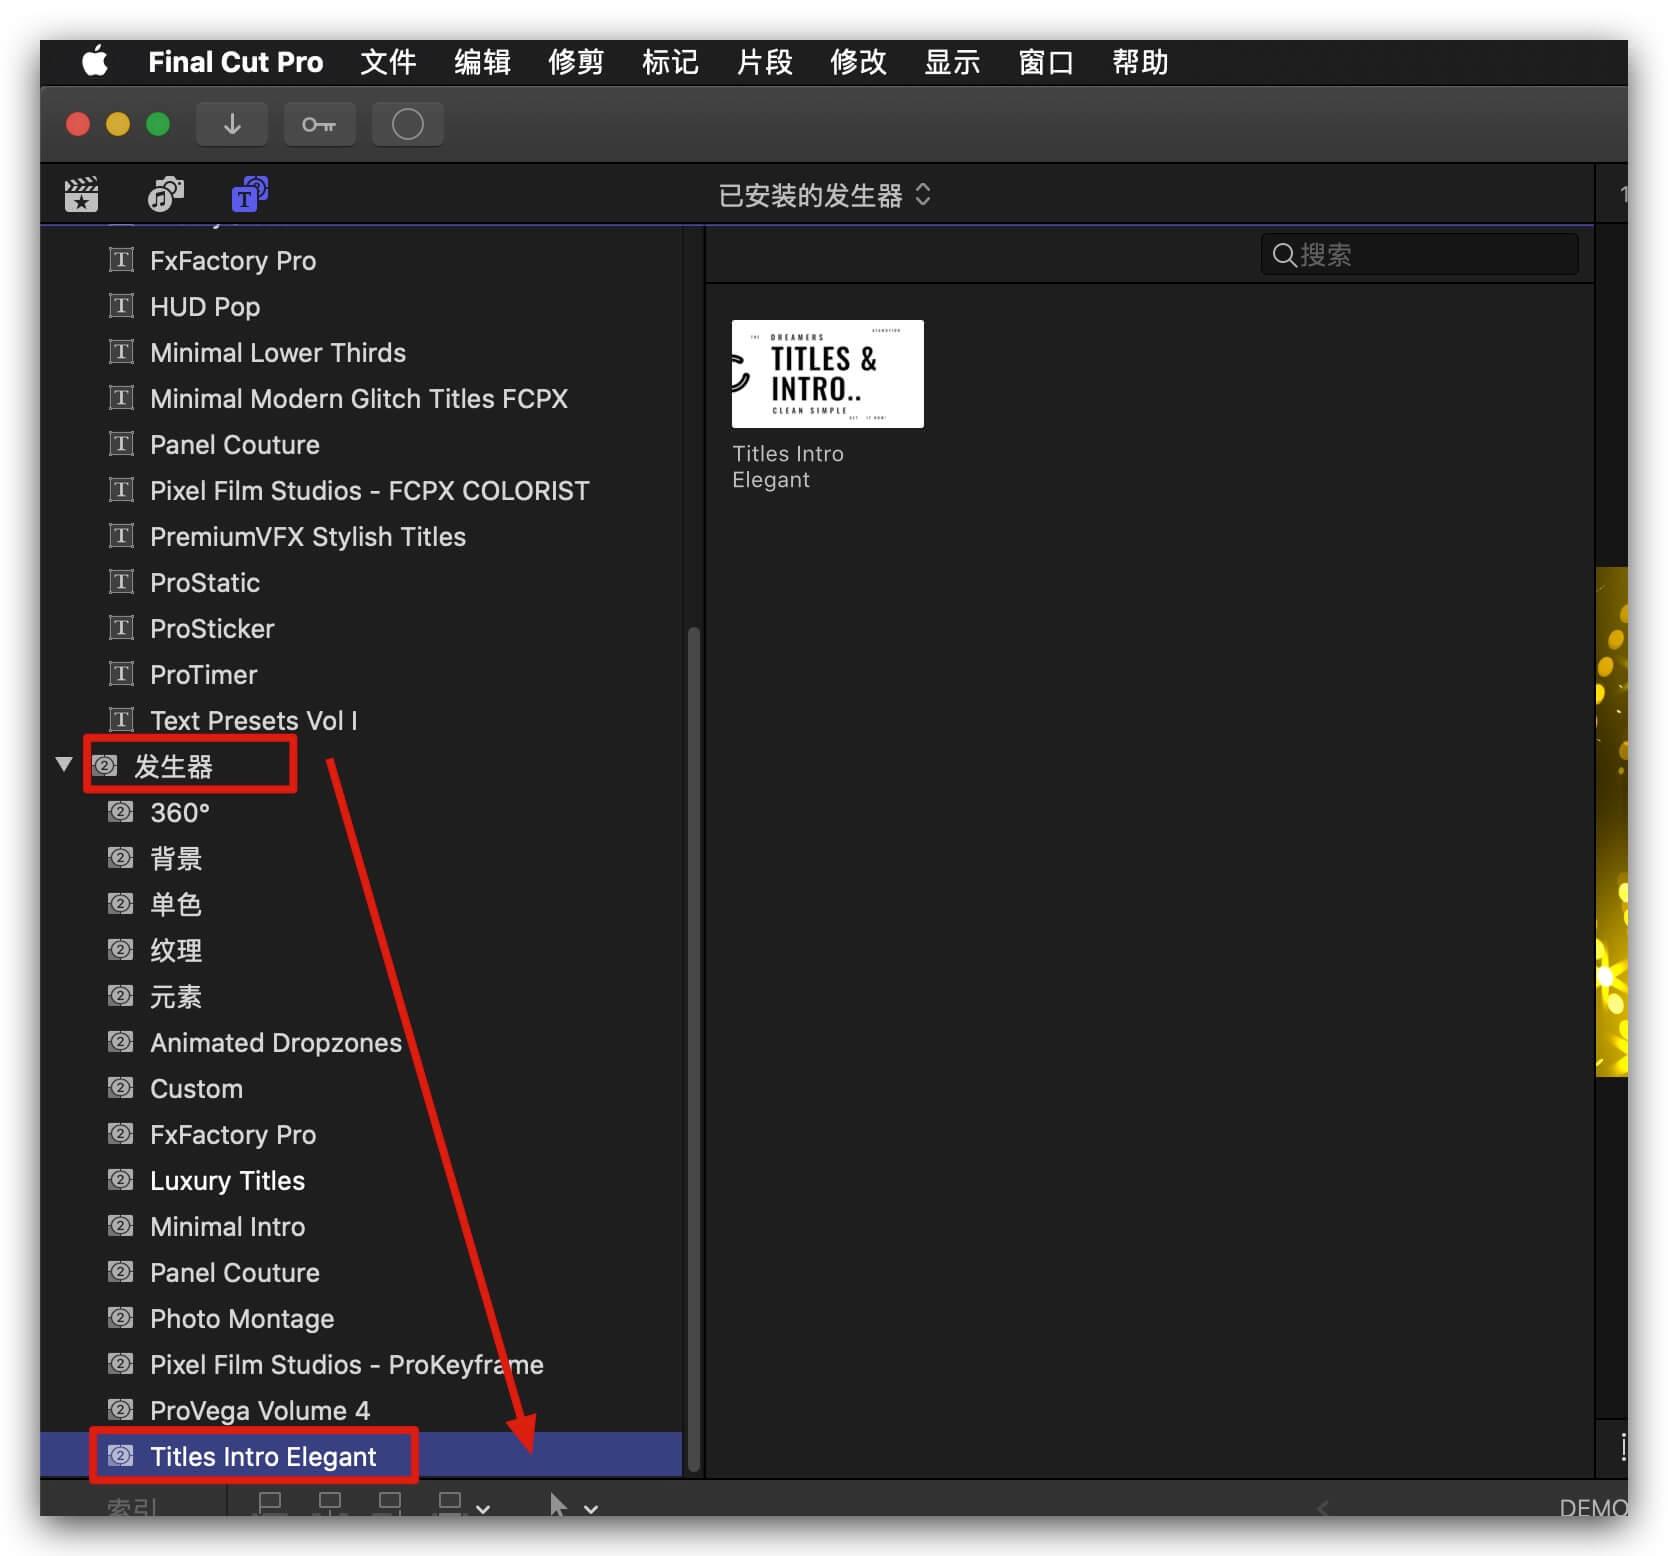 fcpx主题模板 黑白风格图片视频标题展示模板 Intro Titles Clean